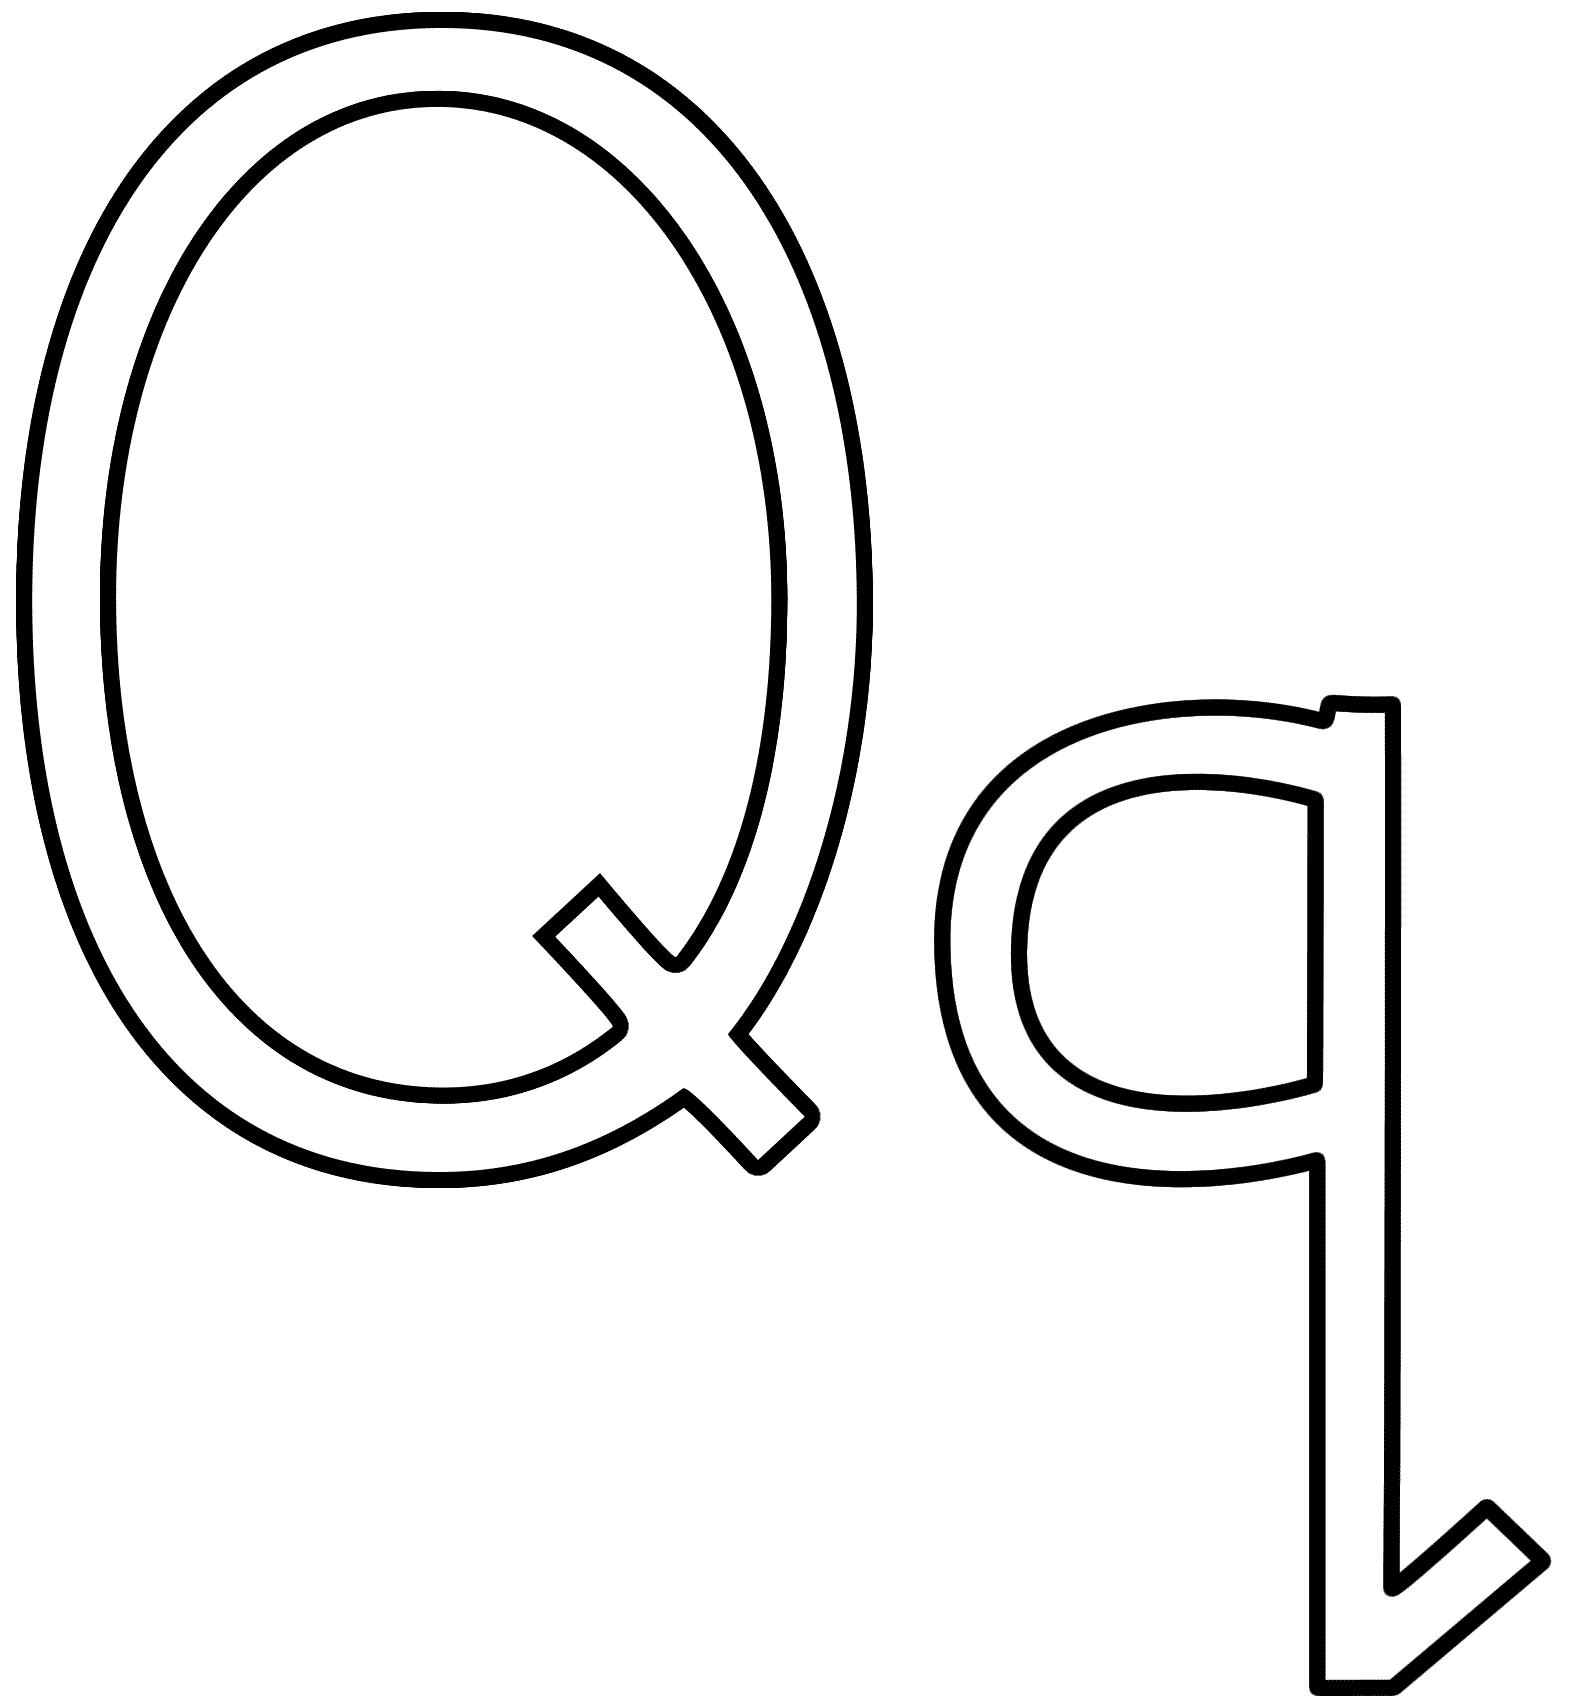 Coloring Pages For Q : Coloring pages letter q az